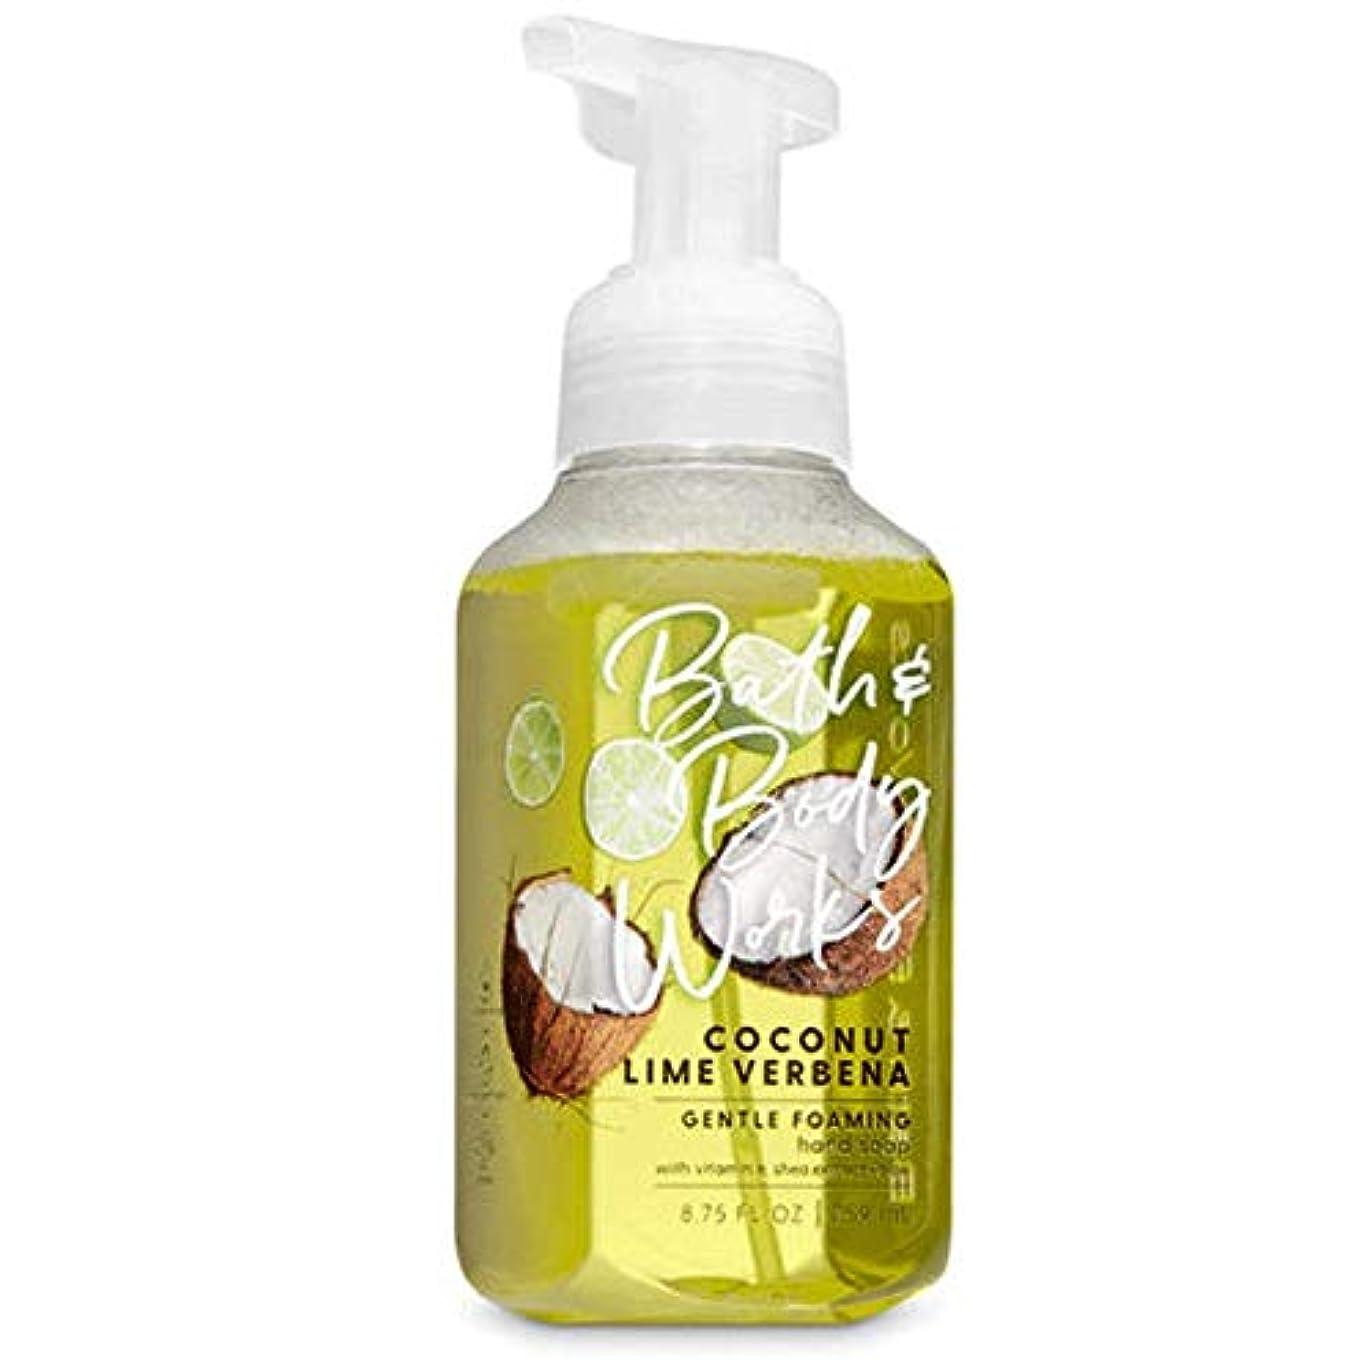 軽食軽減する計算するバス&ボディワークス ココナッツライムバーベナ ジェントル フォーミング ハンドソープ Coconut Lime Verbena Gentle Foaming Hand Soap